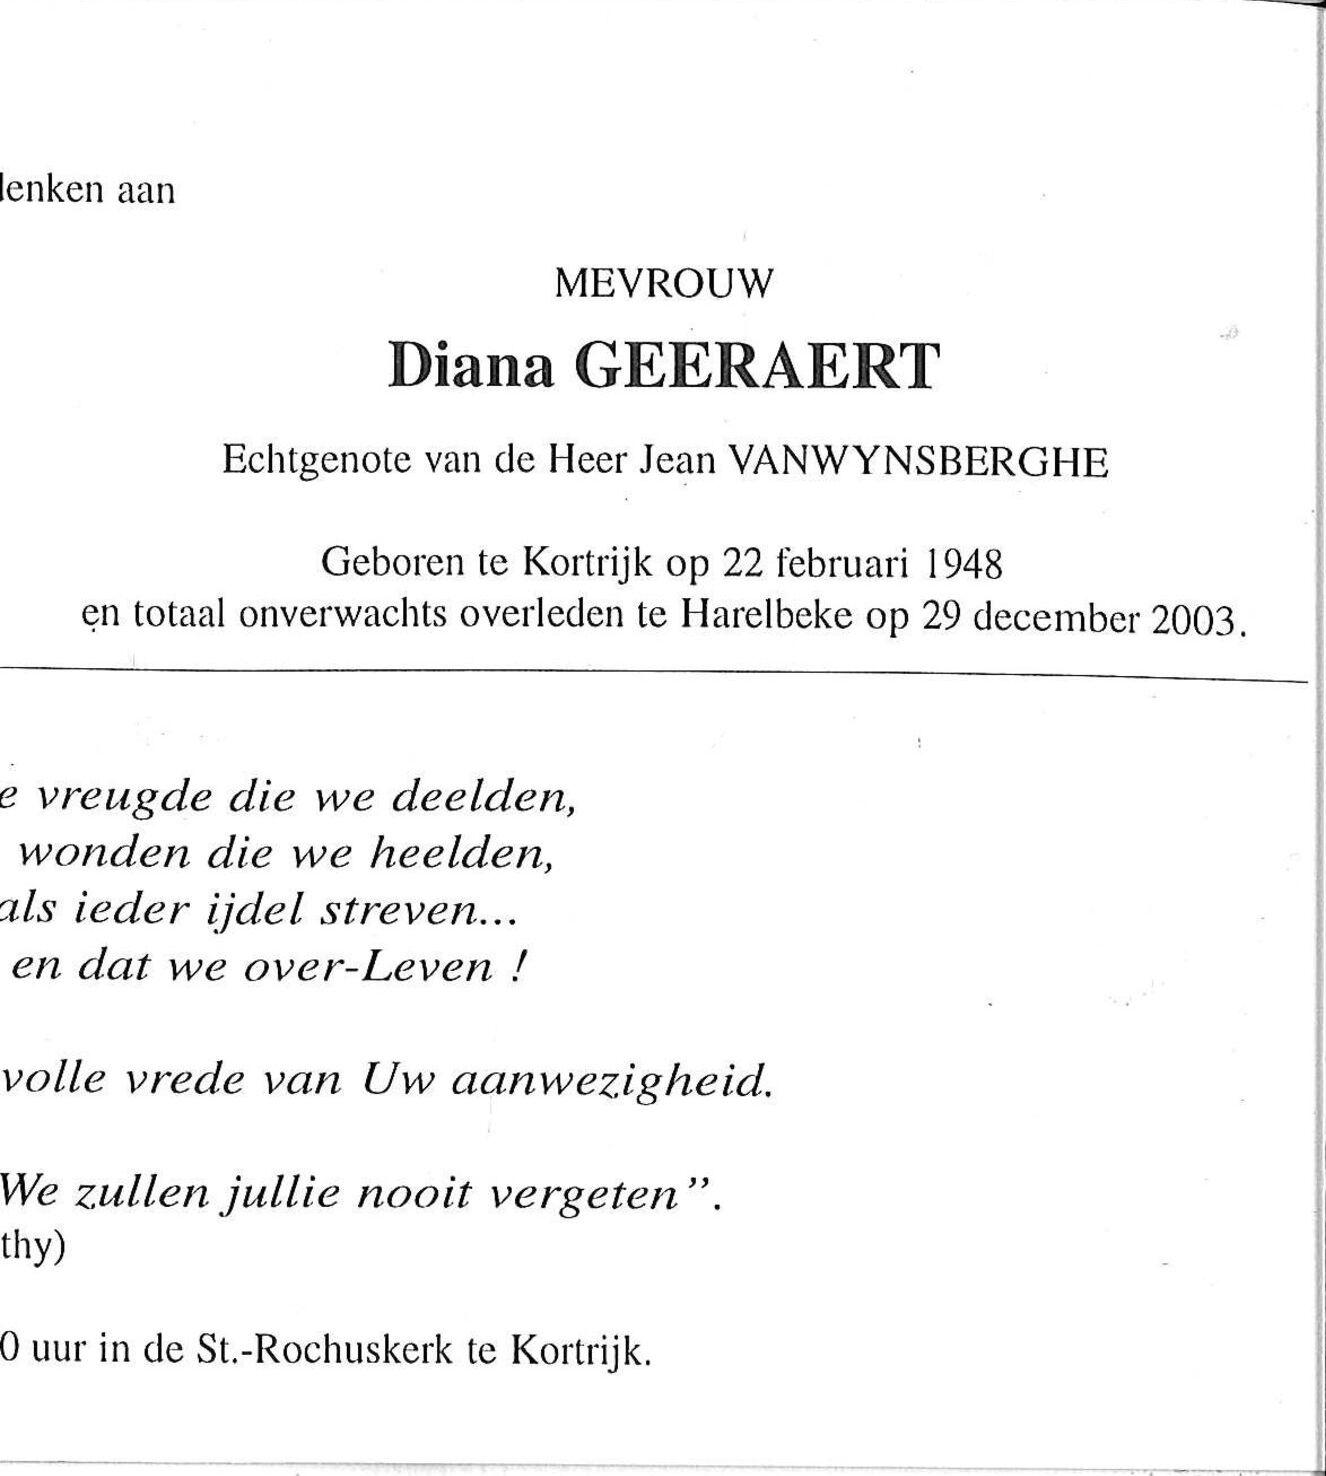 Diana Geeraert